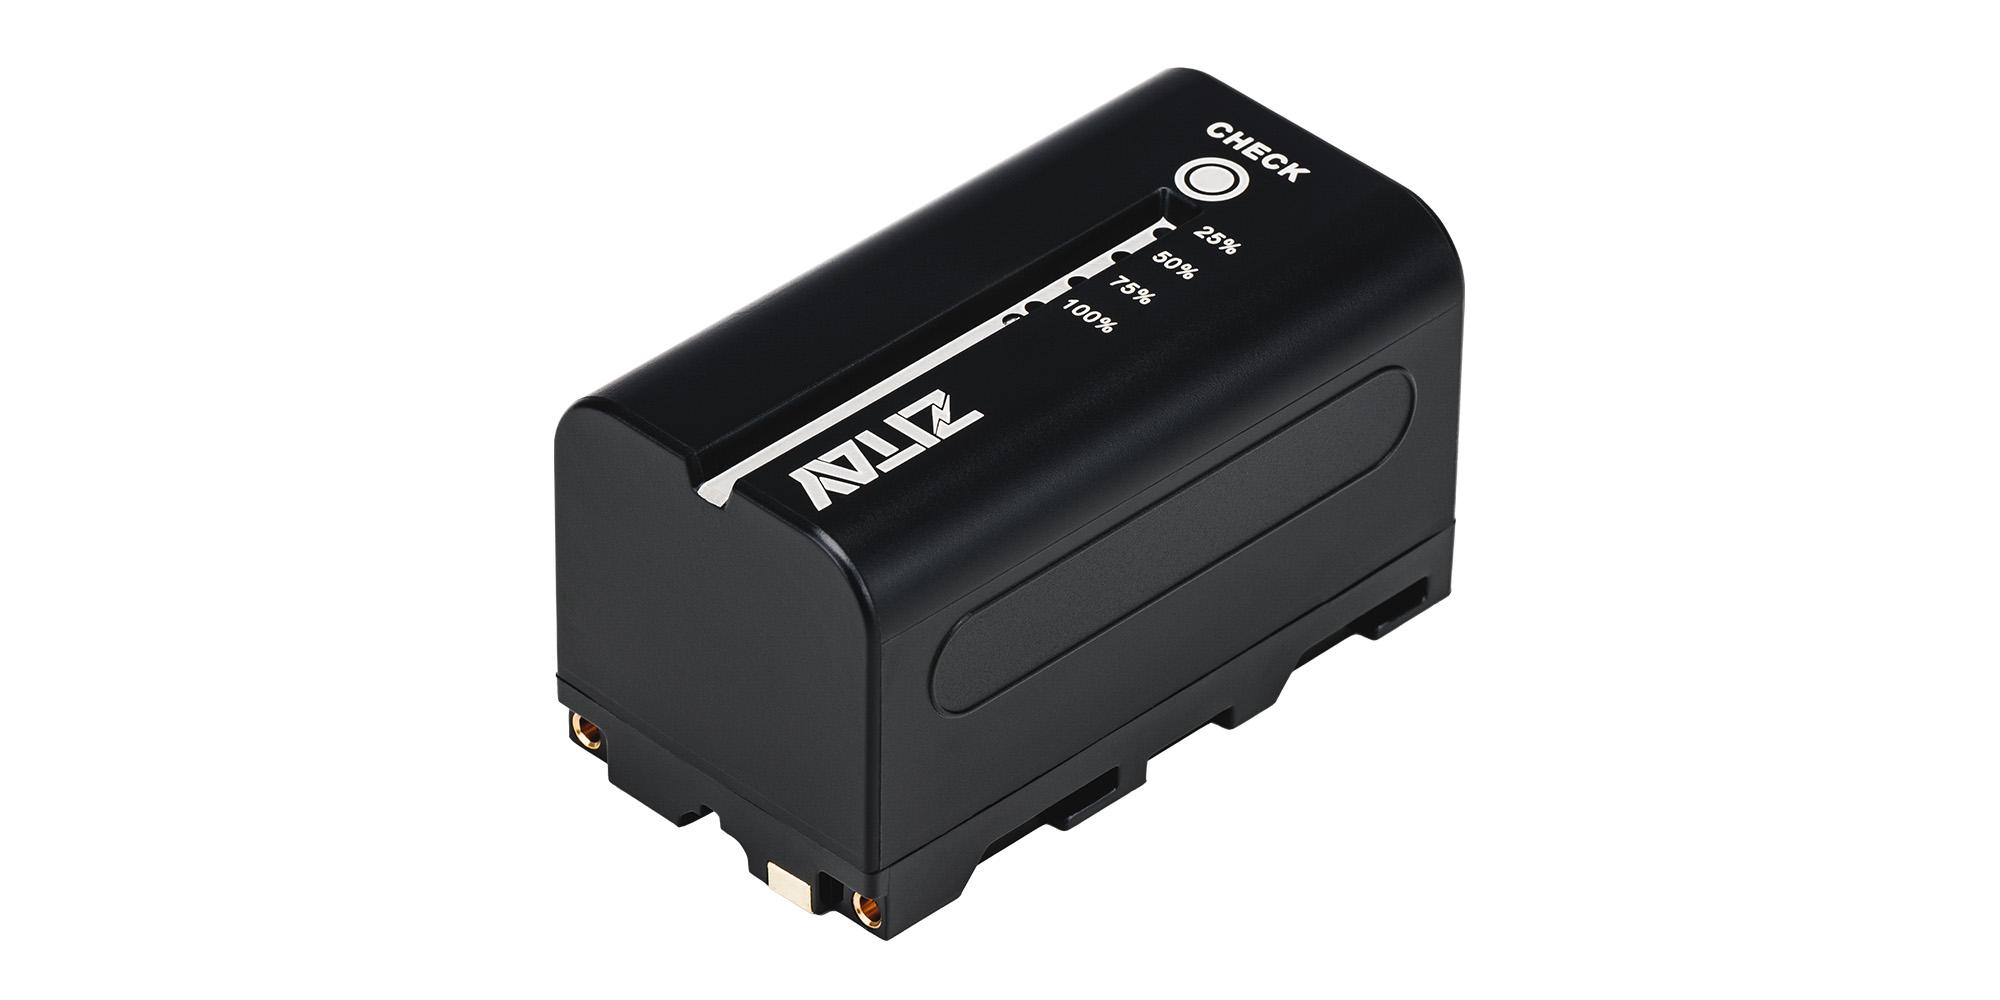 Akumulator Zitay zamiennik NP-F750